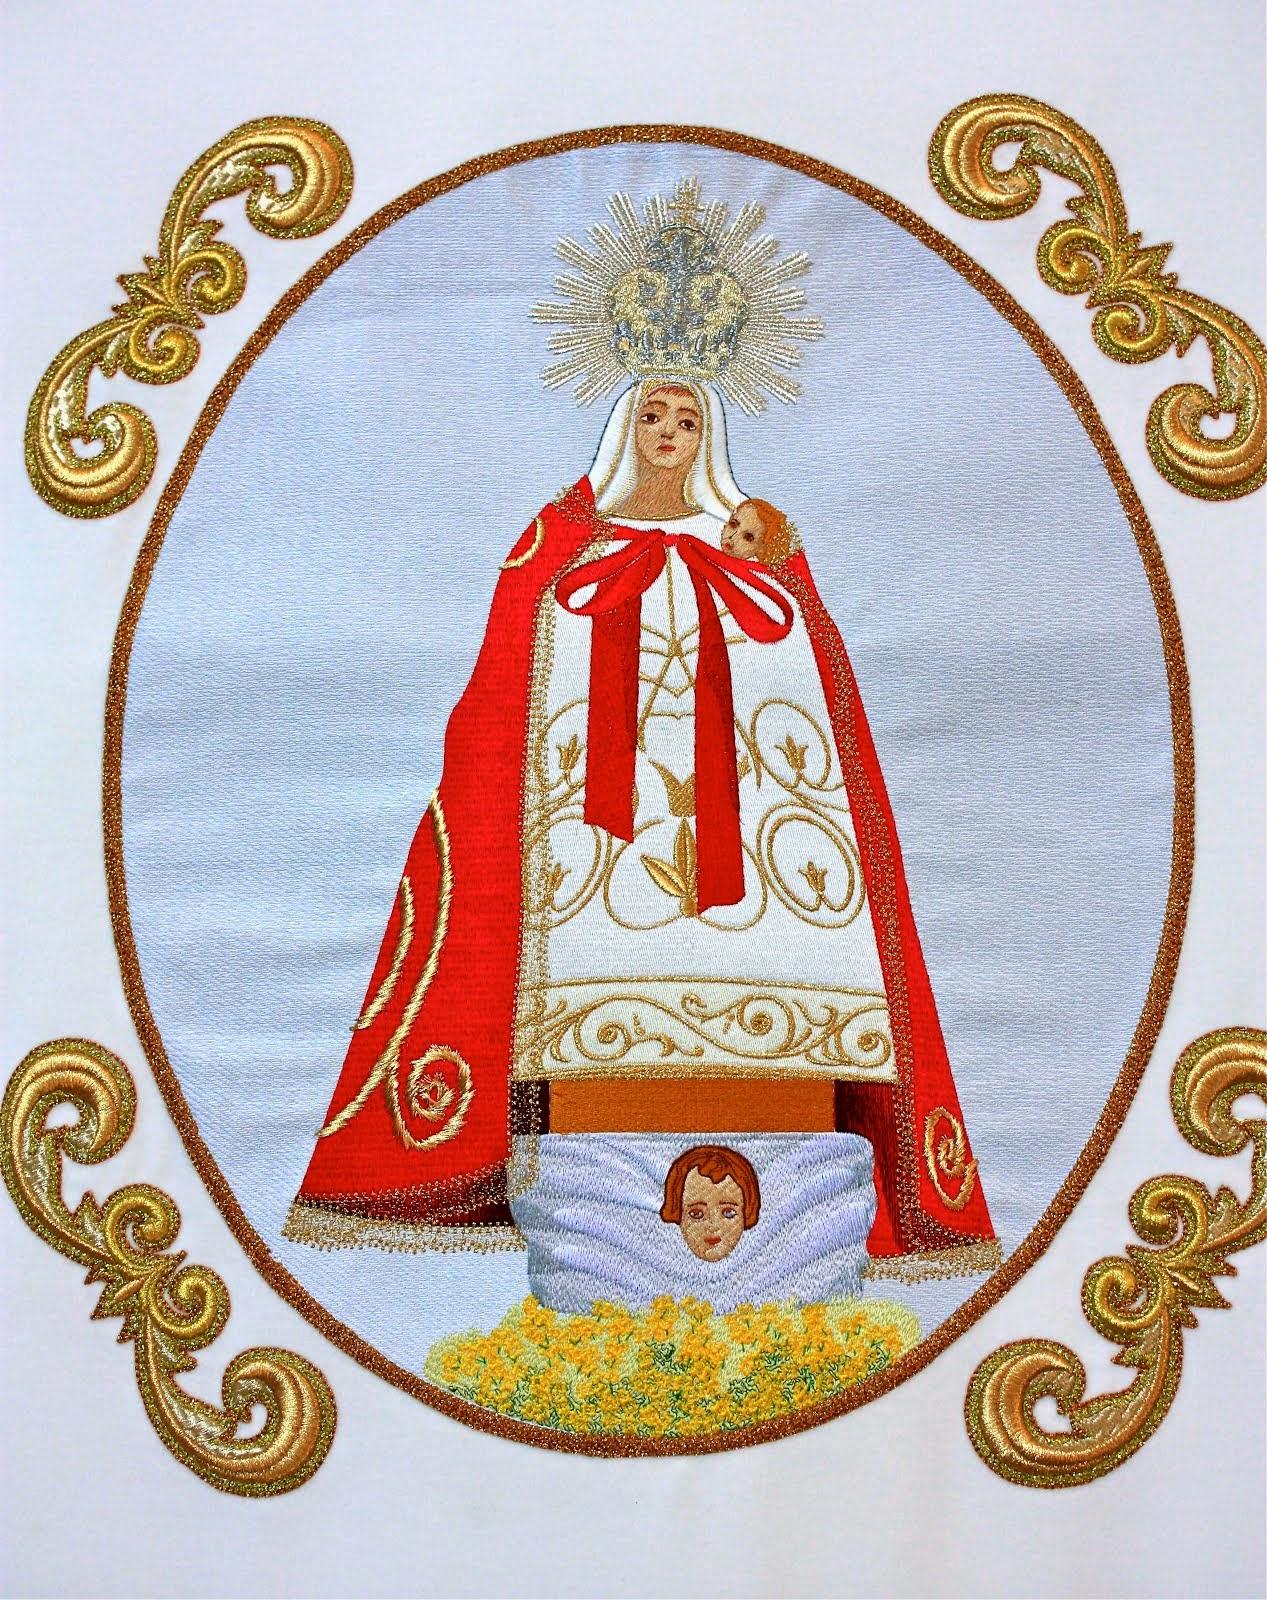 Una leyenda de Segura de los Baños en la que se invoca a la Virgen de la Aliaga.